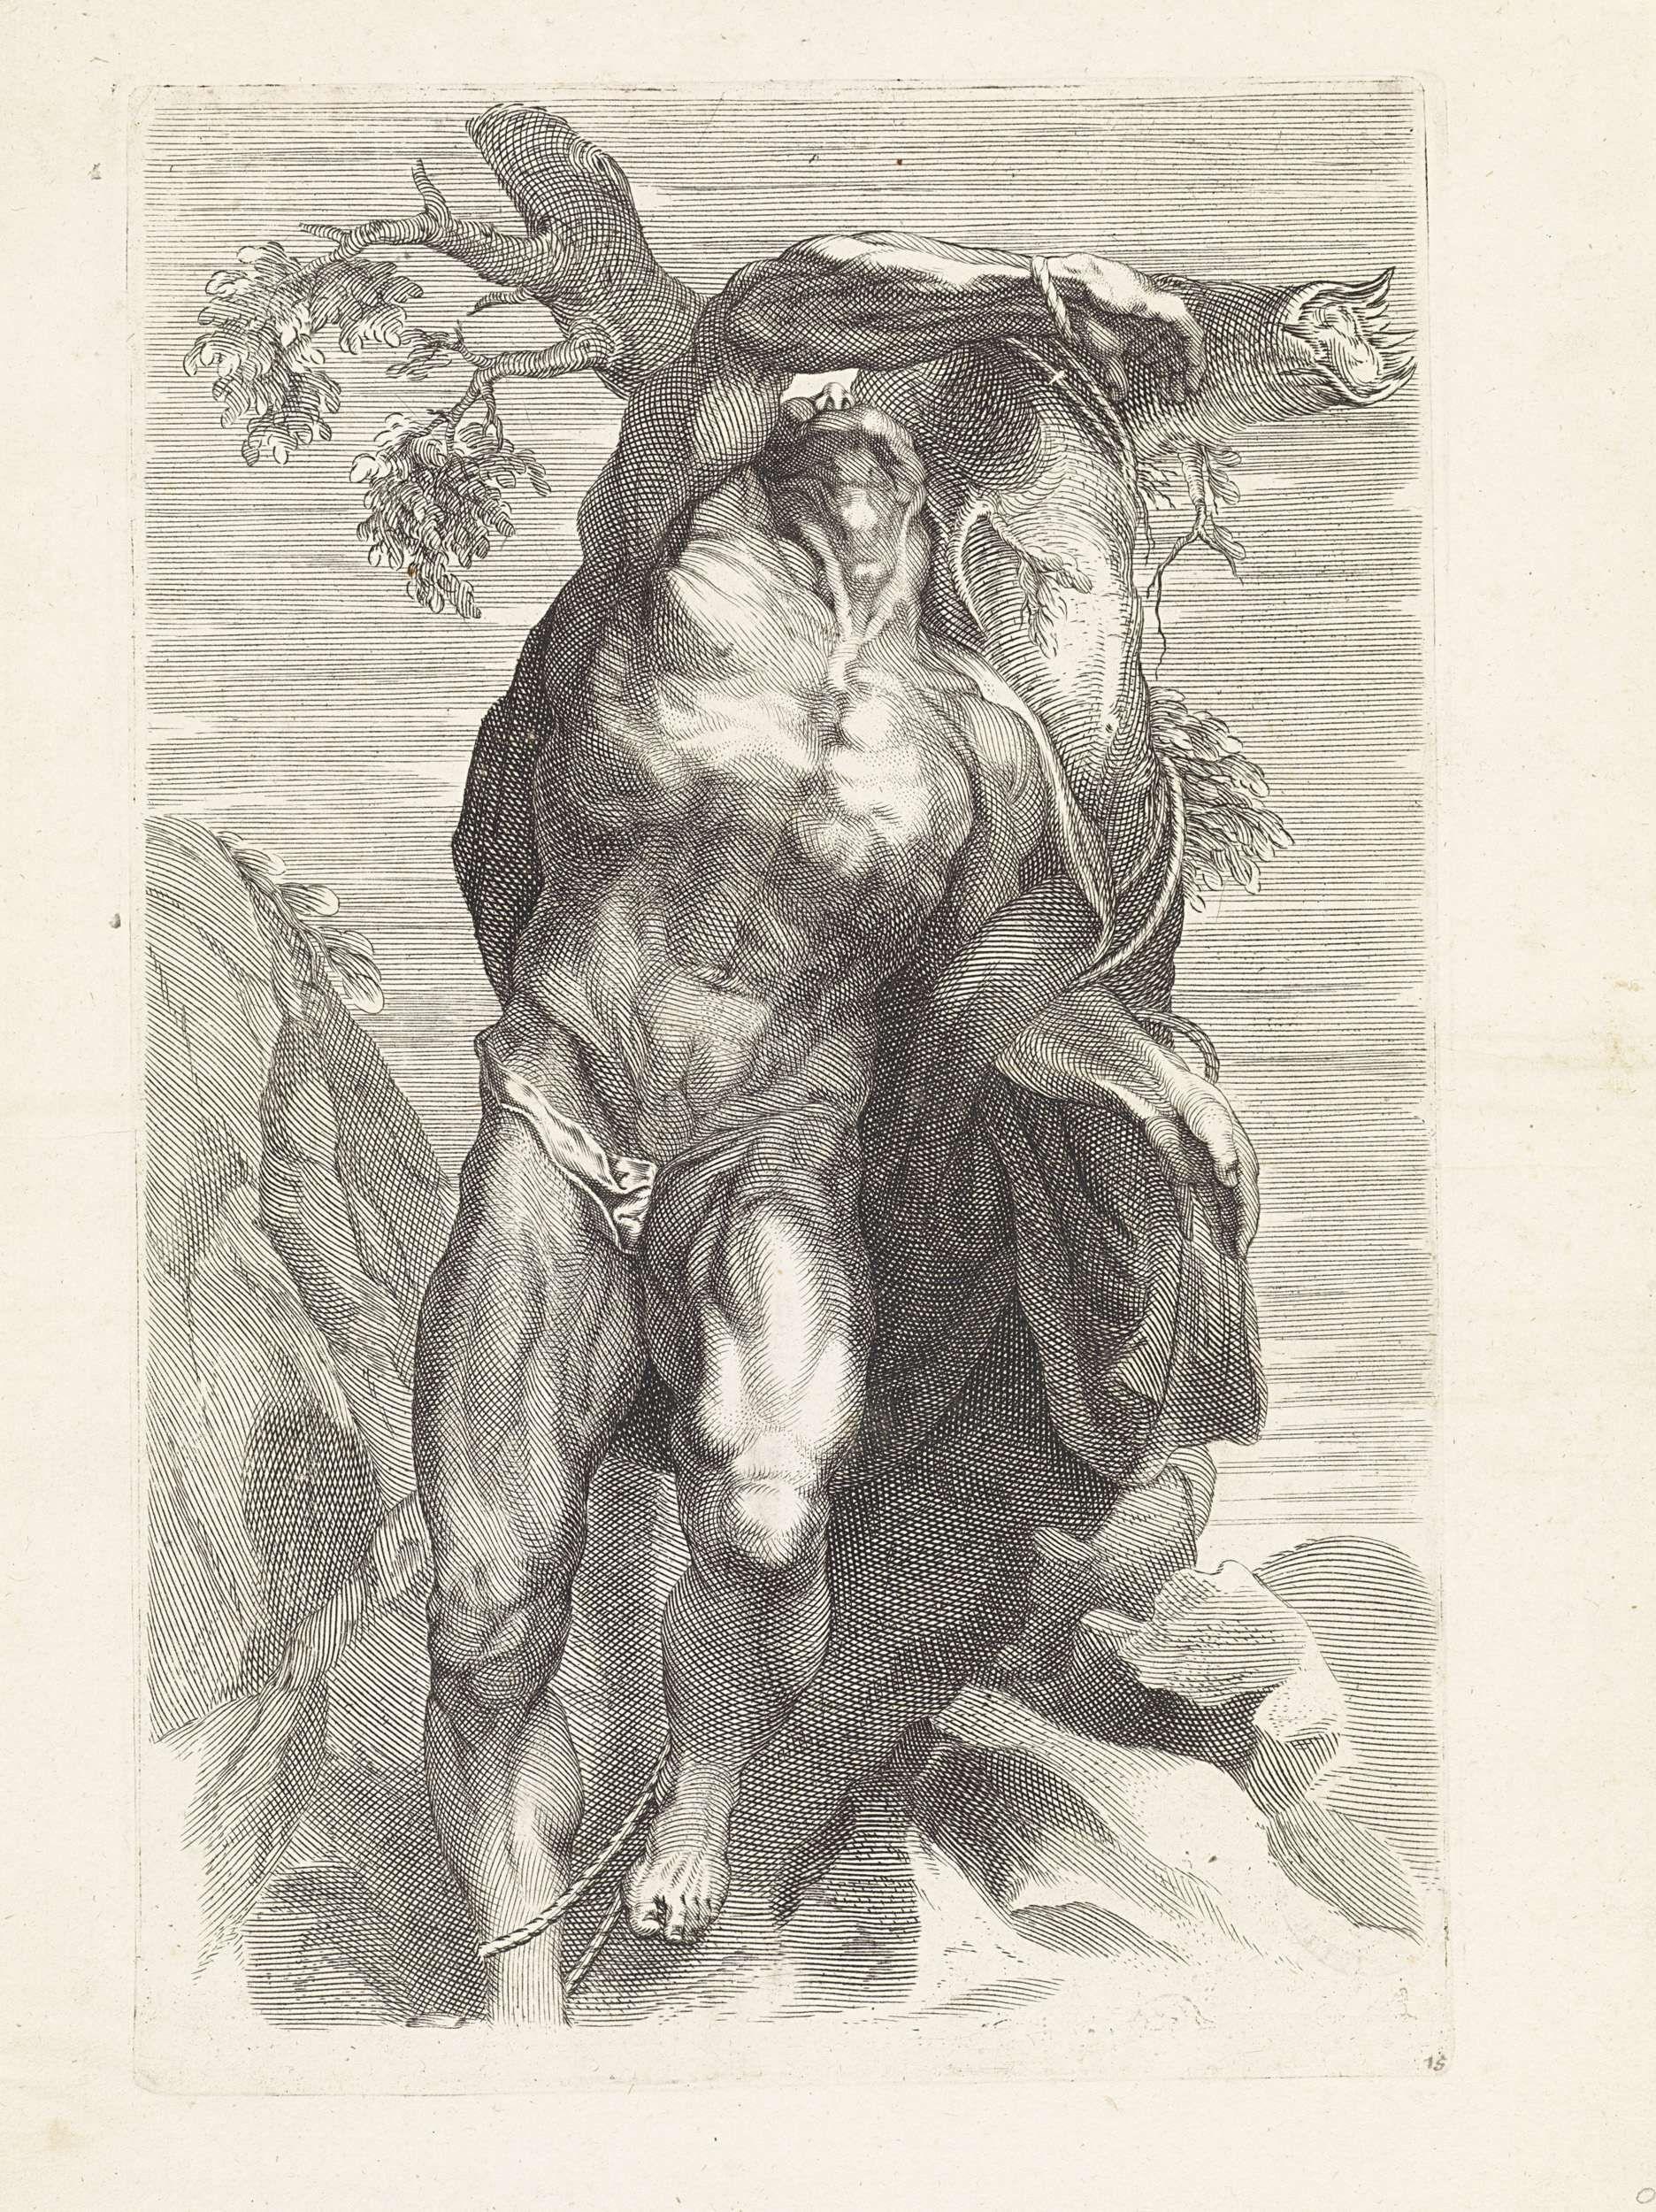 Paulus Pontius   Anatomische studie van een man die aan een boom is gebonden, Paulus Pontius, Peter Paul Rubens, 1616 - 1657  